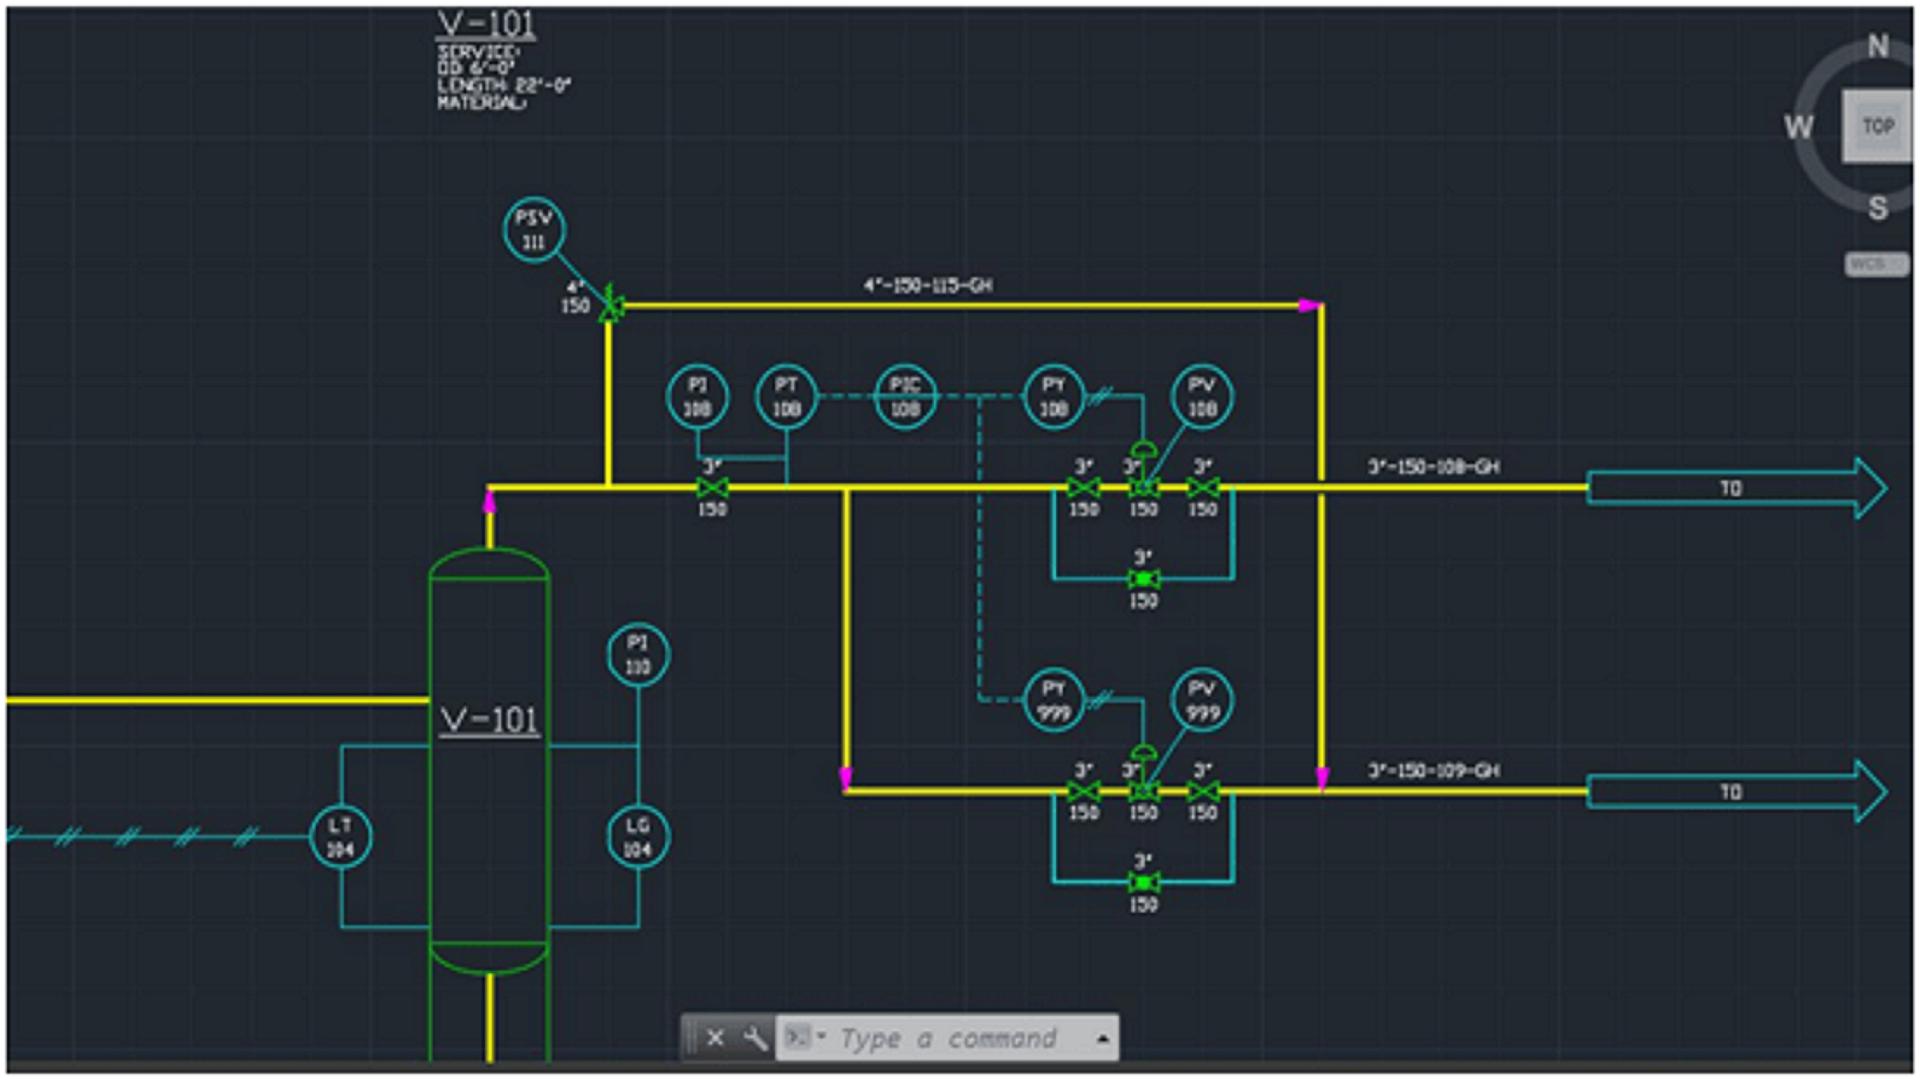 Process Flow Diagram Development   Process flow diagram, Process flow,  Plant designPinterest